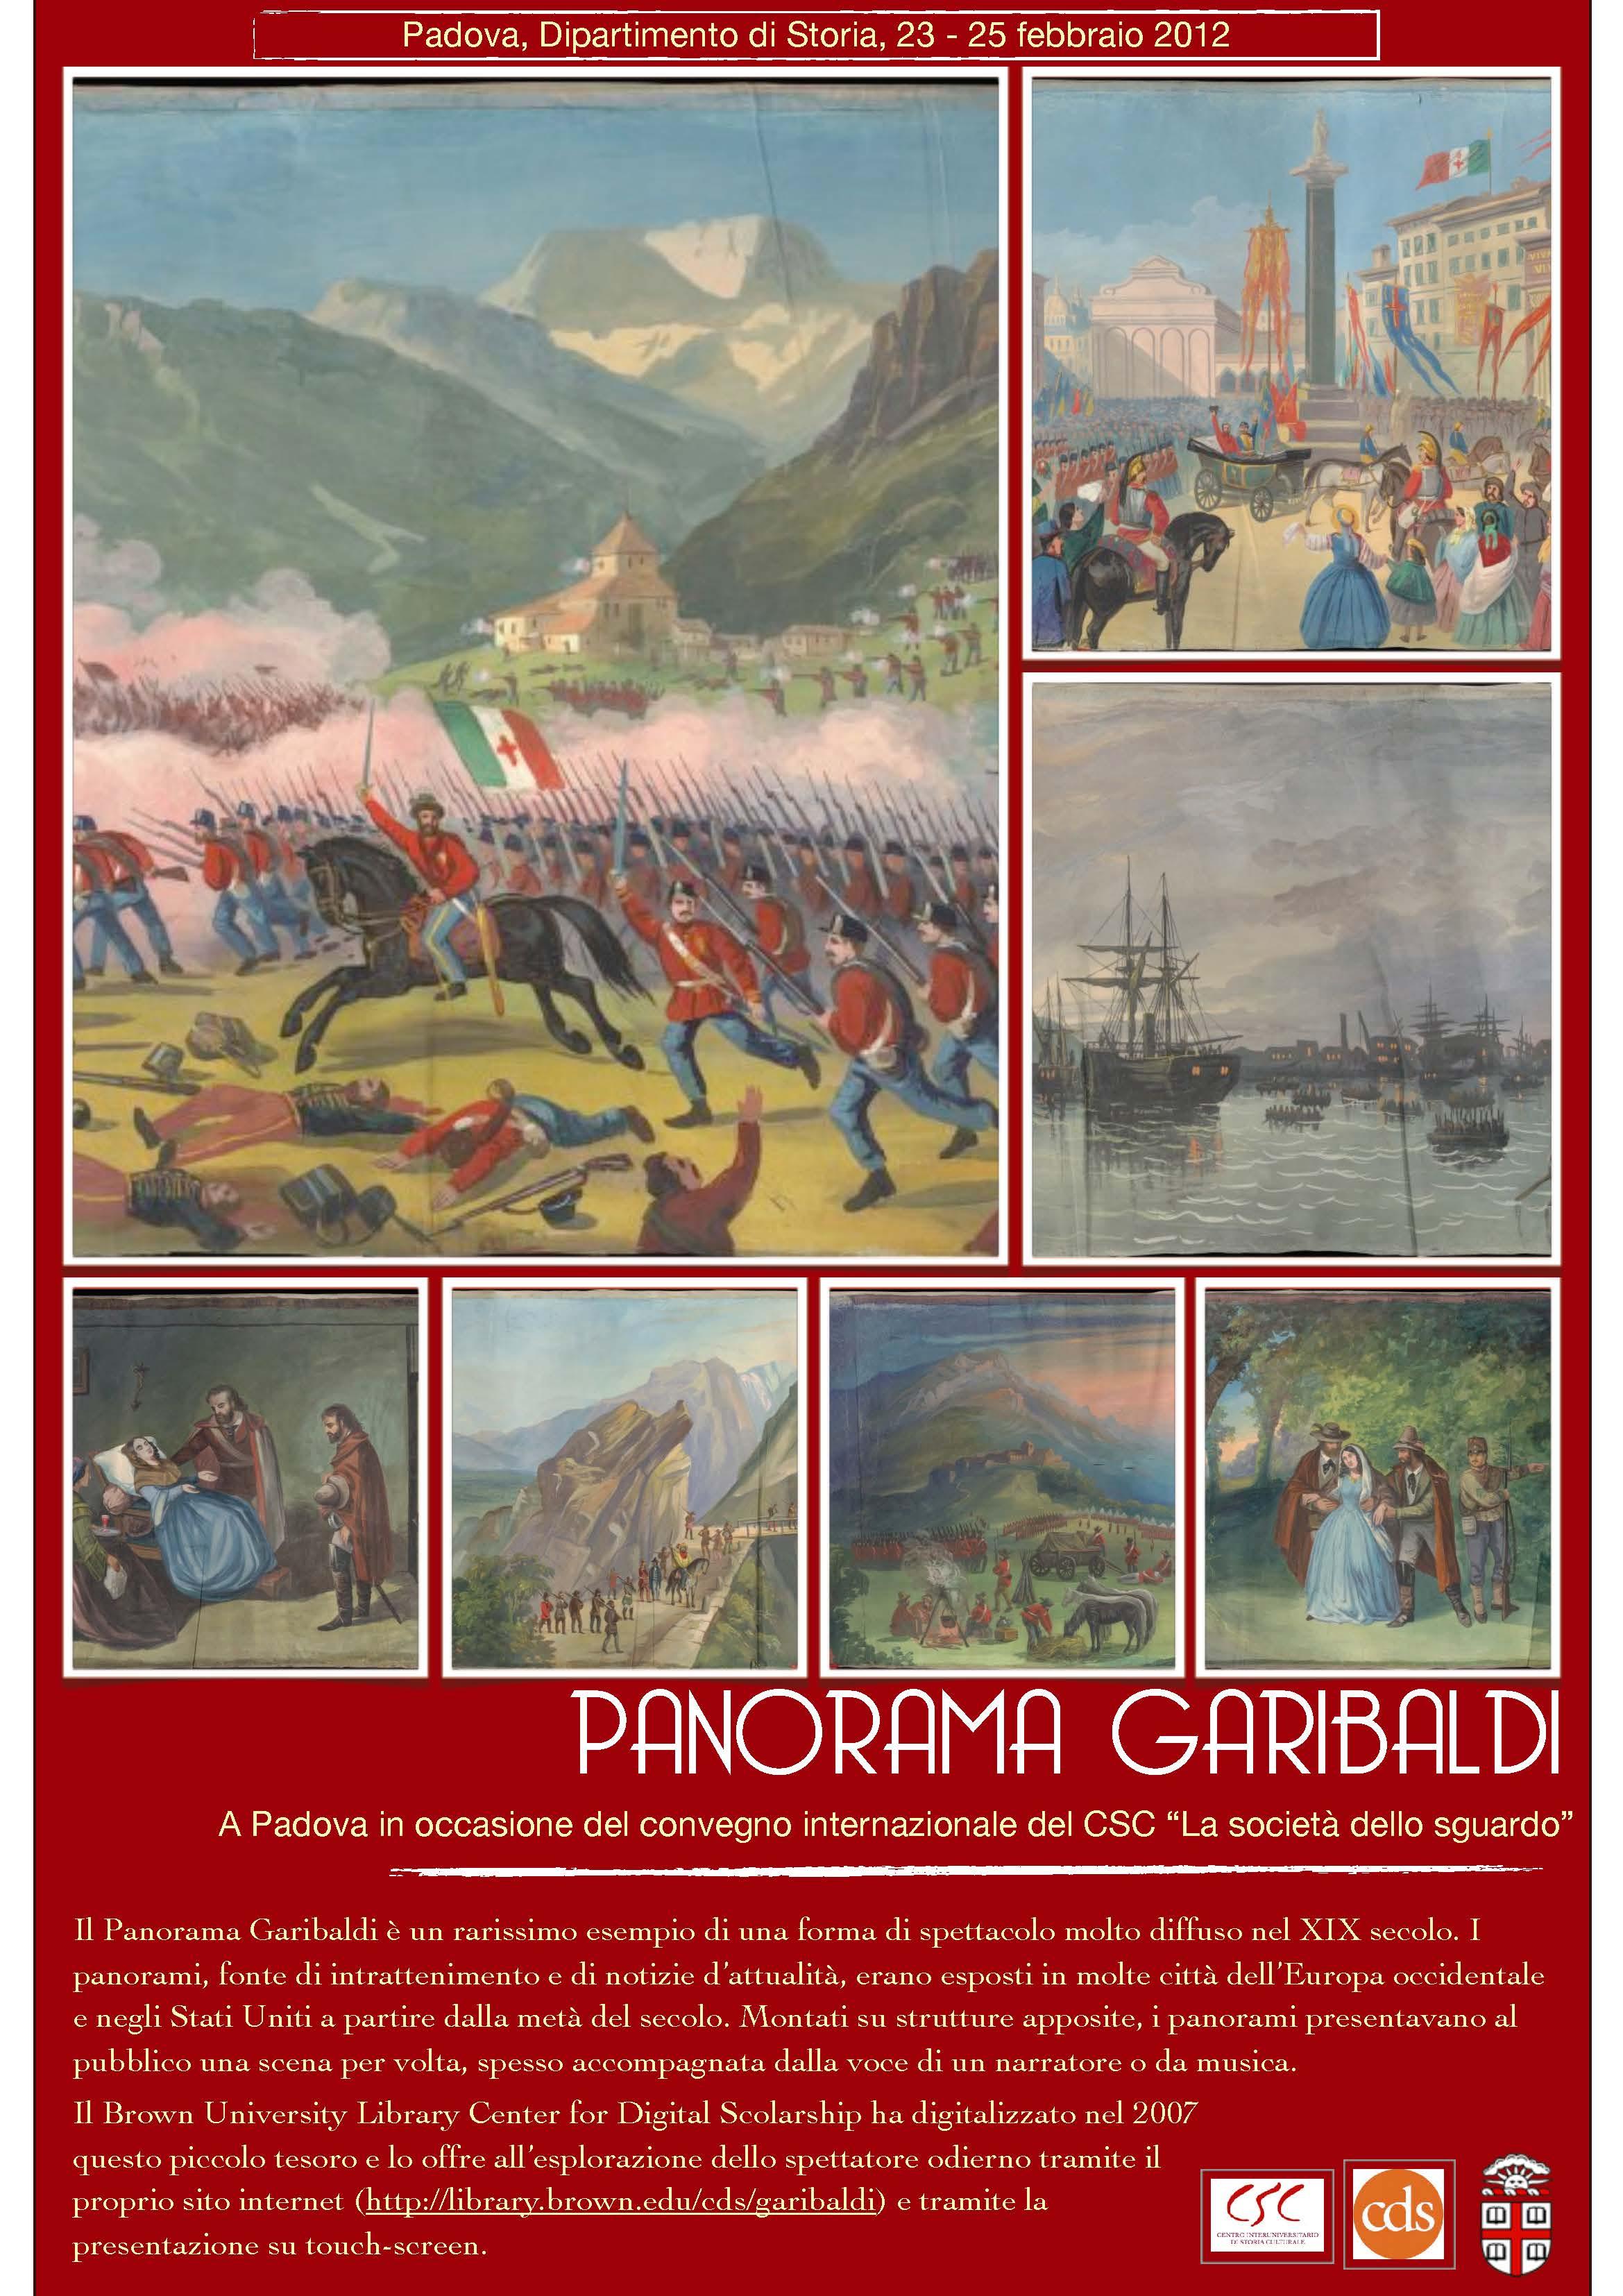 2012-02 (PD) Panorama Garibaldi.jpg